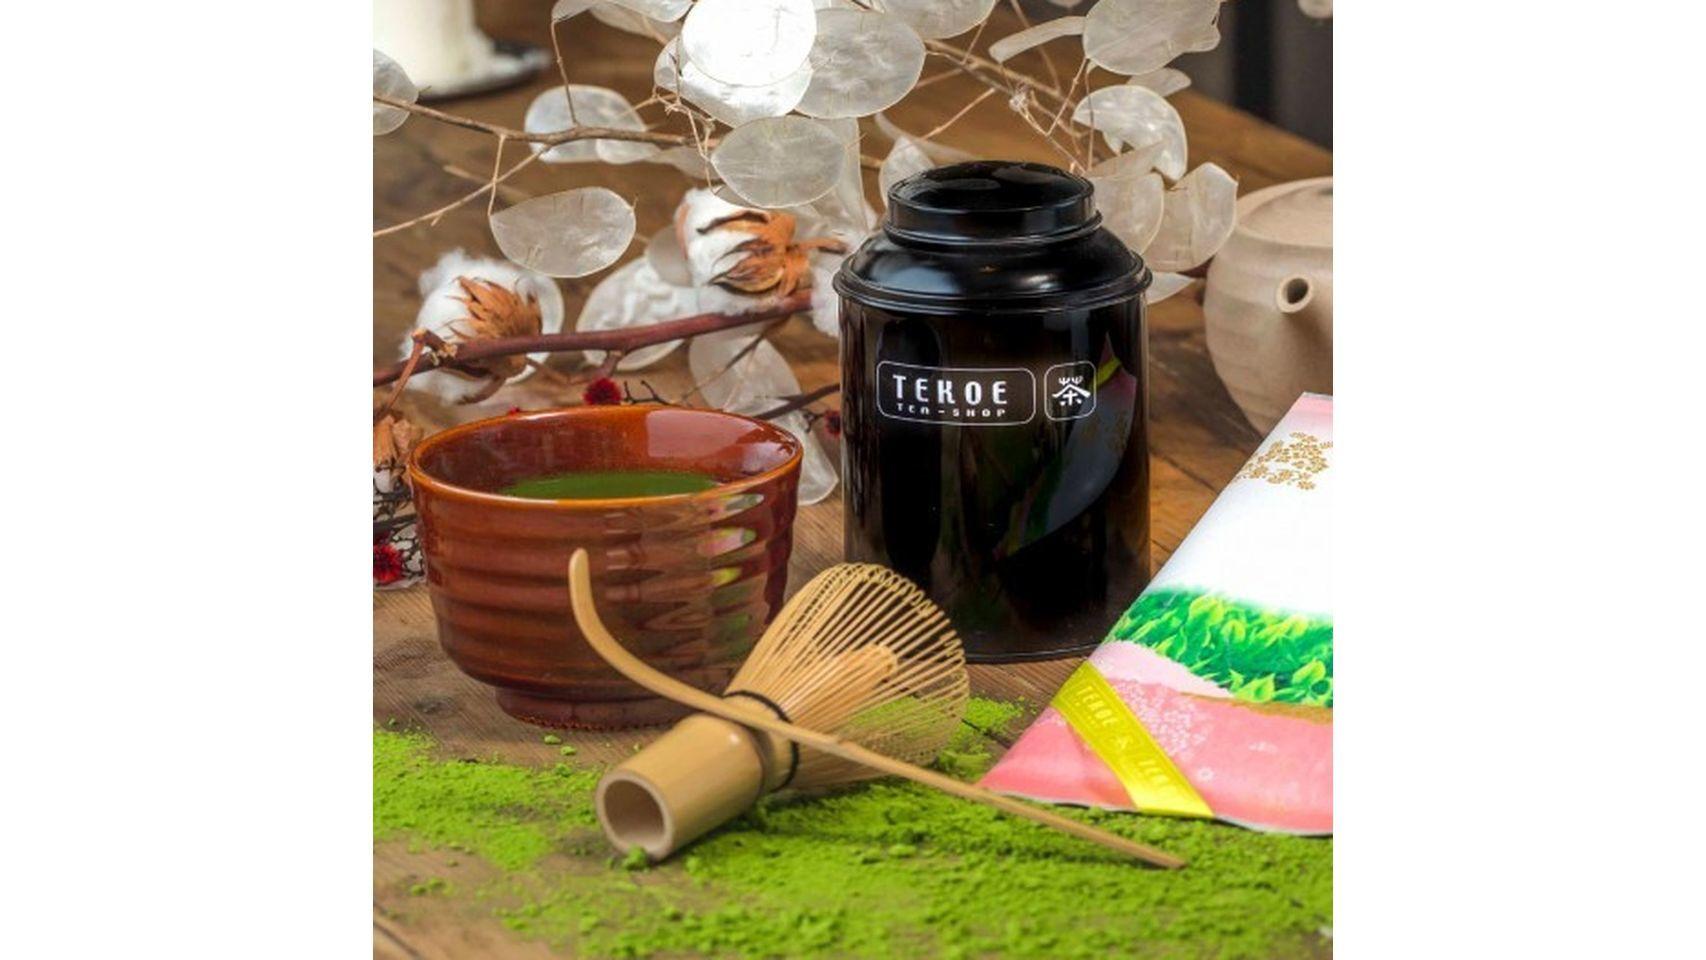 El pack Matcha Tea de Tekoe incluye todo lo necesario para vivir una experiencia única: 50 gr de este delicado polvo de té, un bol de cerámica japonesa y una cuchara medidora. Precio: 59 euros